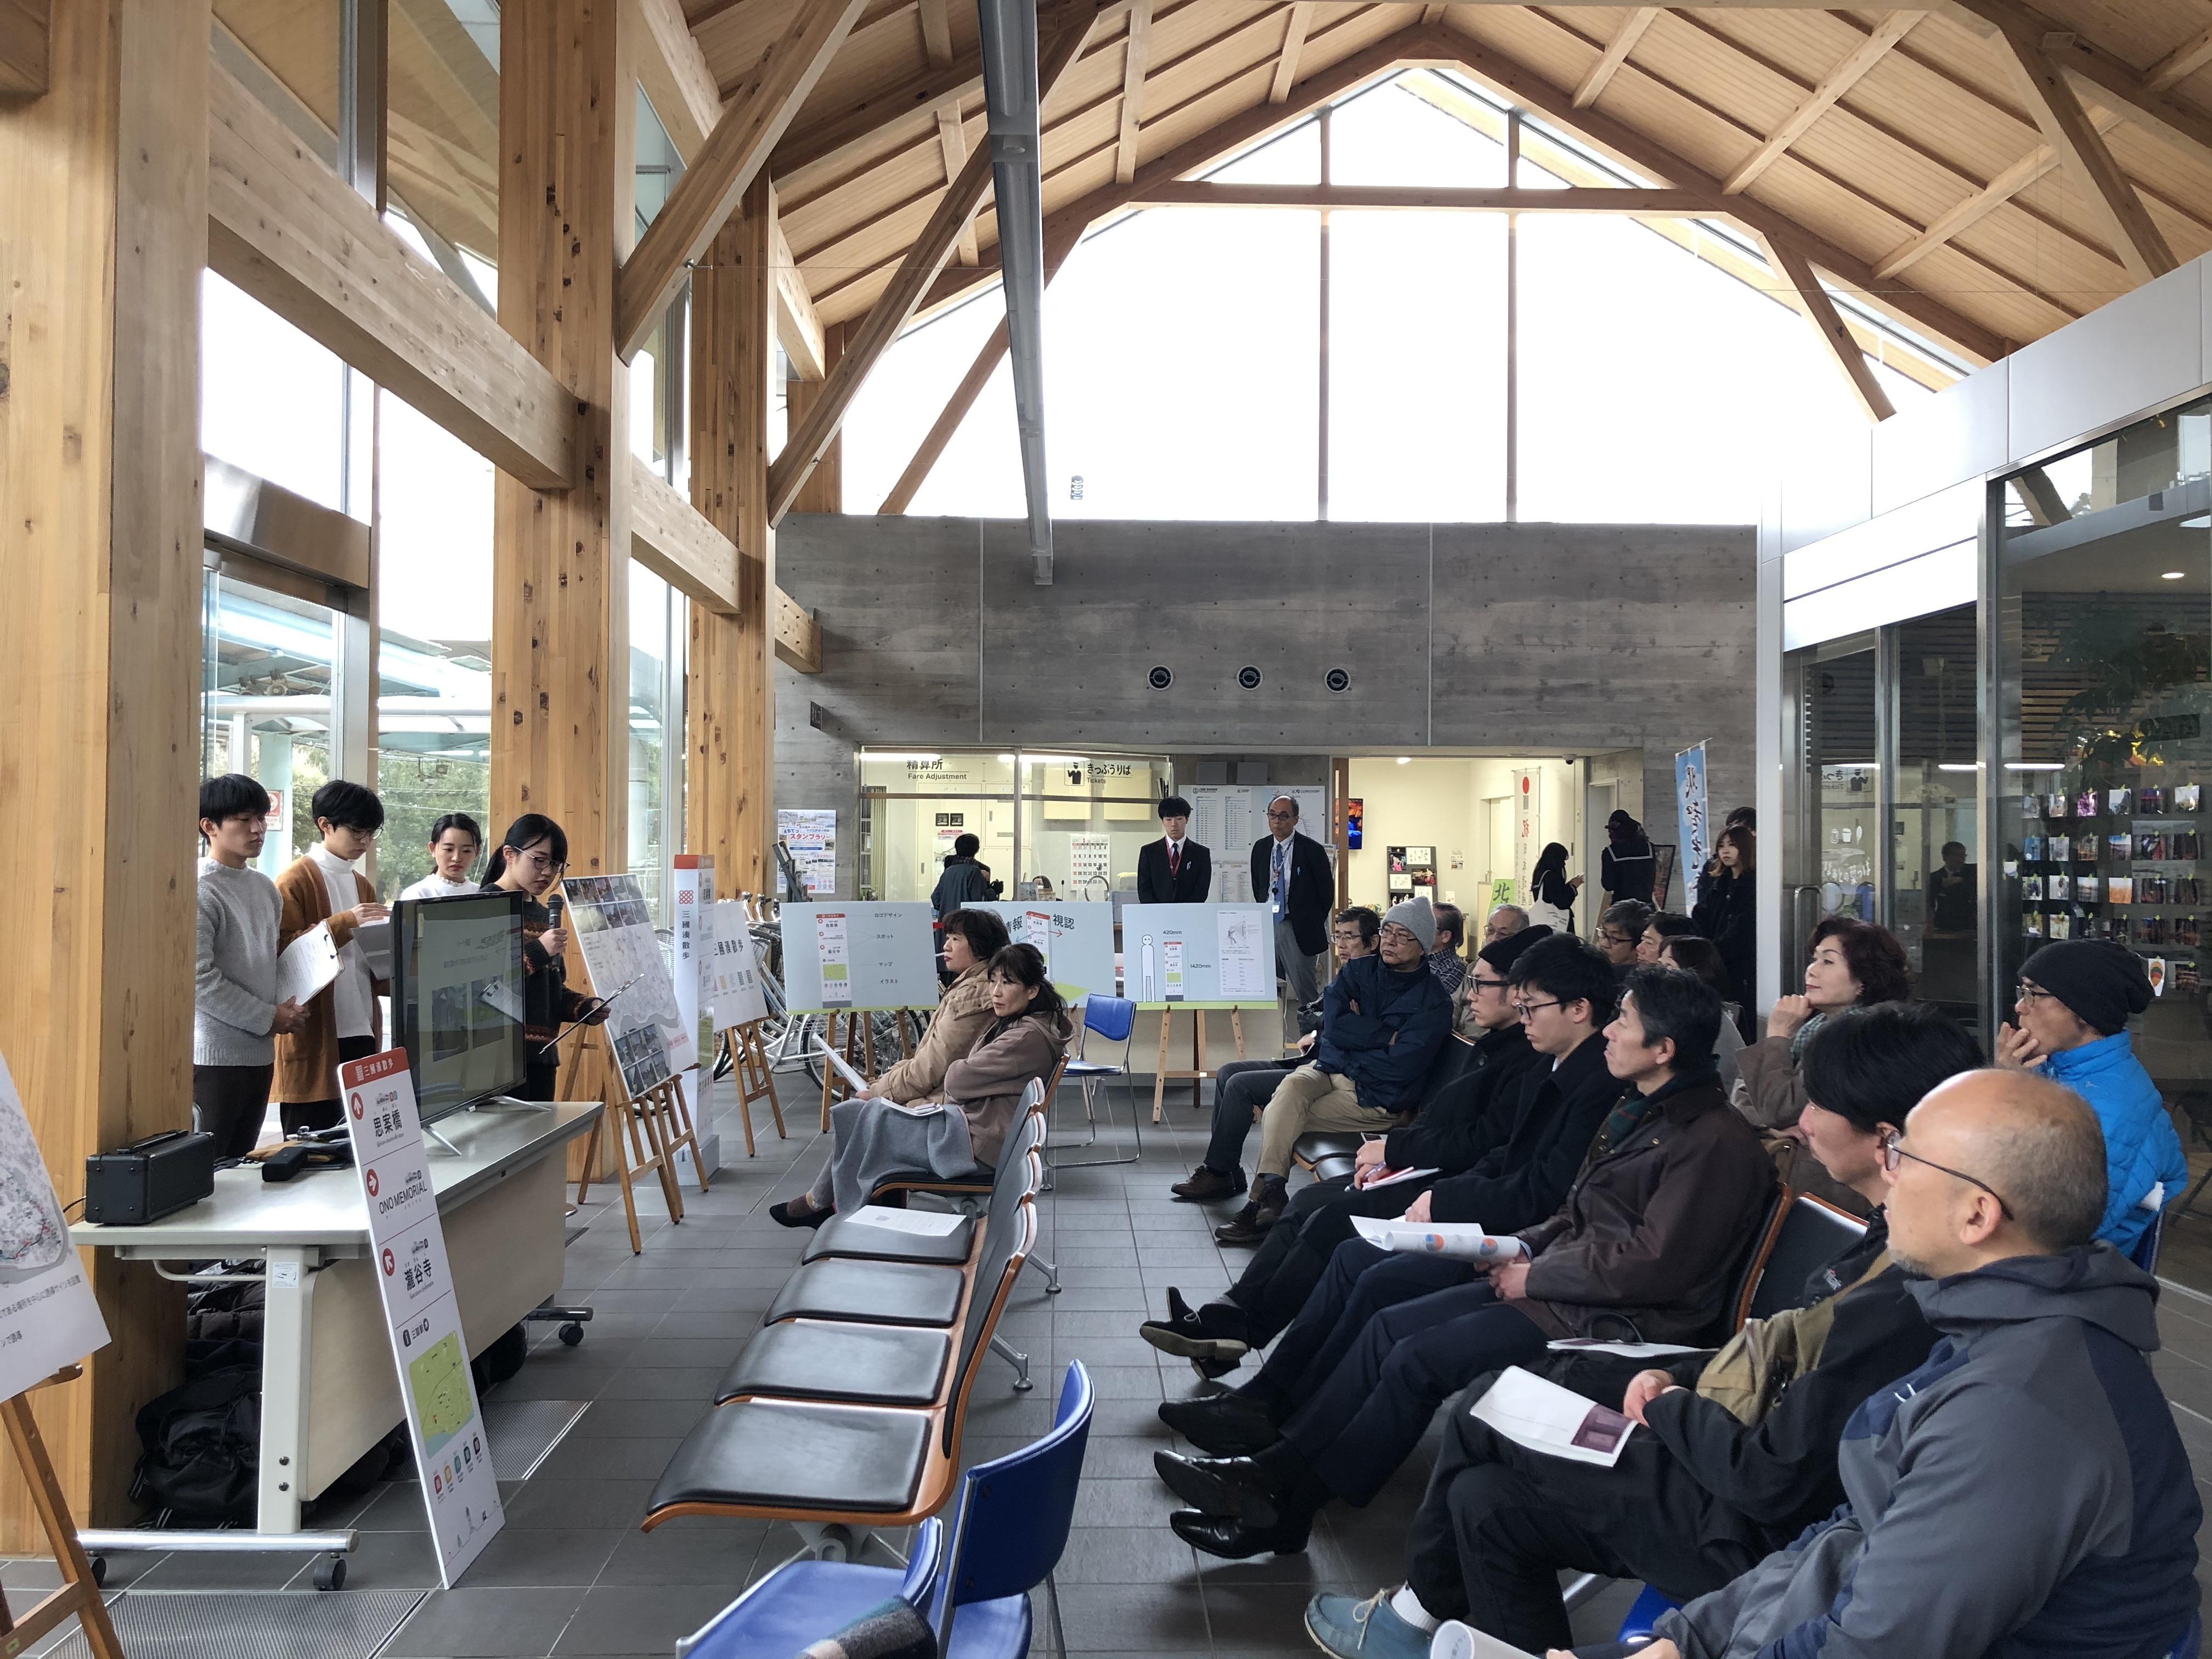 http://ud.t.u-tokyo.ac.jp/blog/_images/IMG_7074.JPG